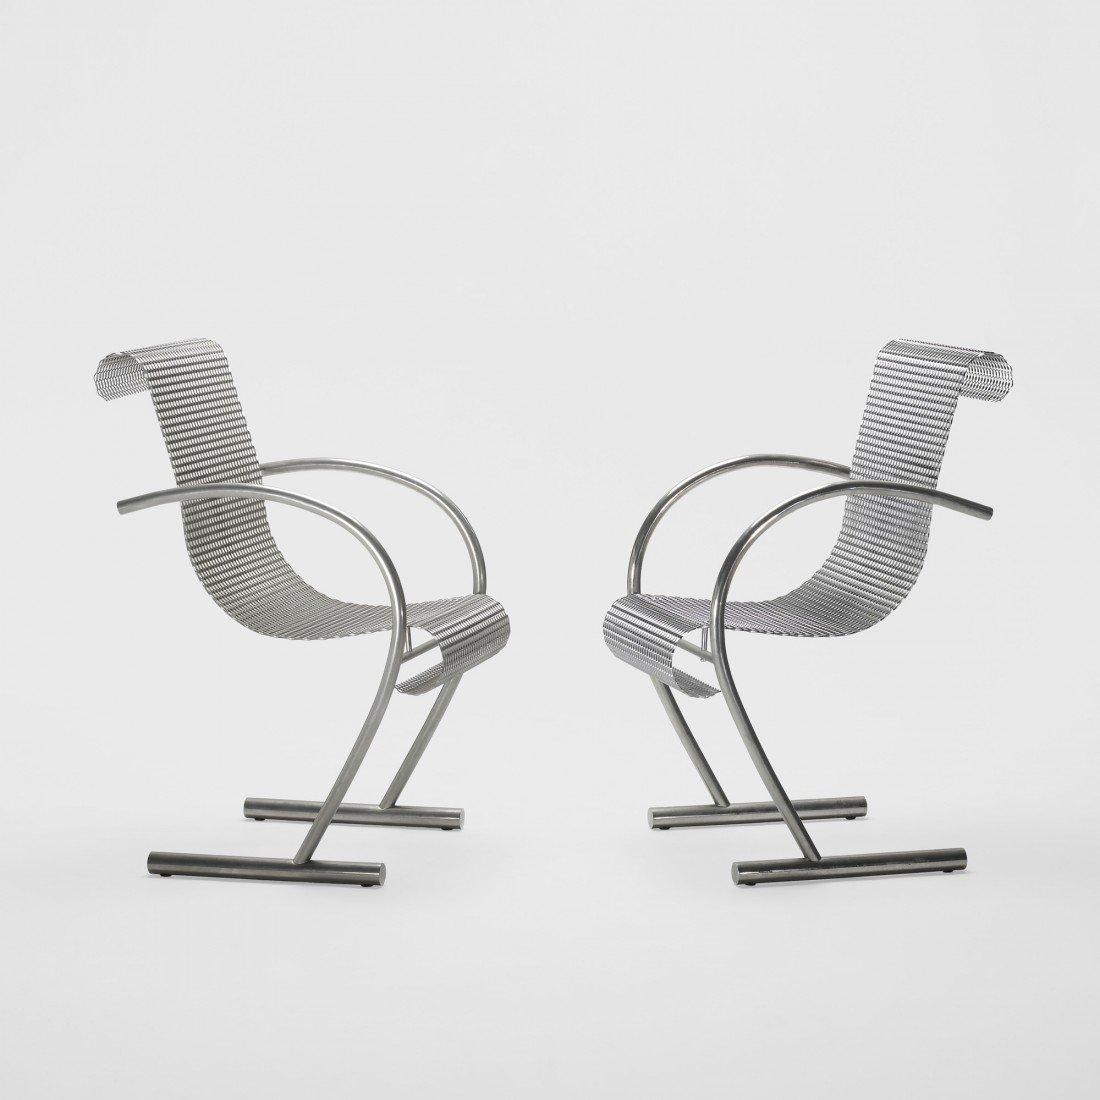 163: Shiro Kuramata Sing Sing Sing chairs, pair